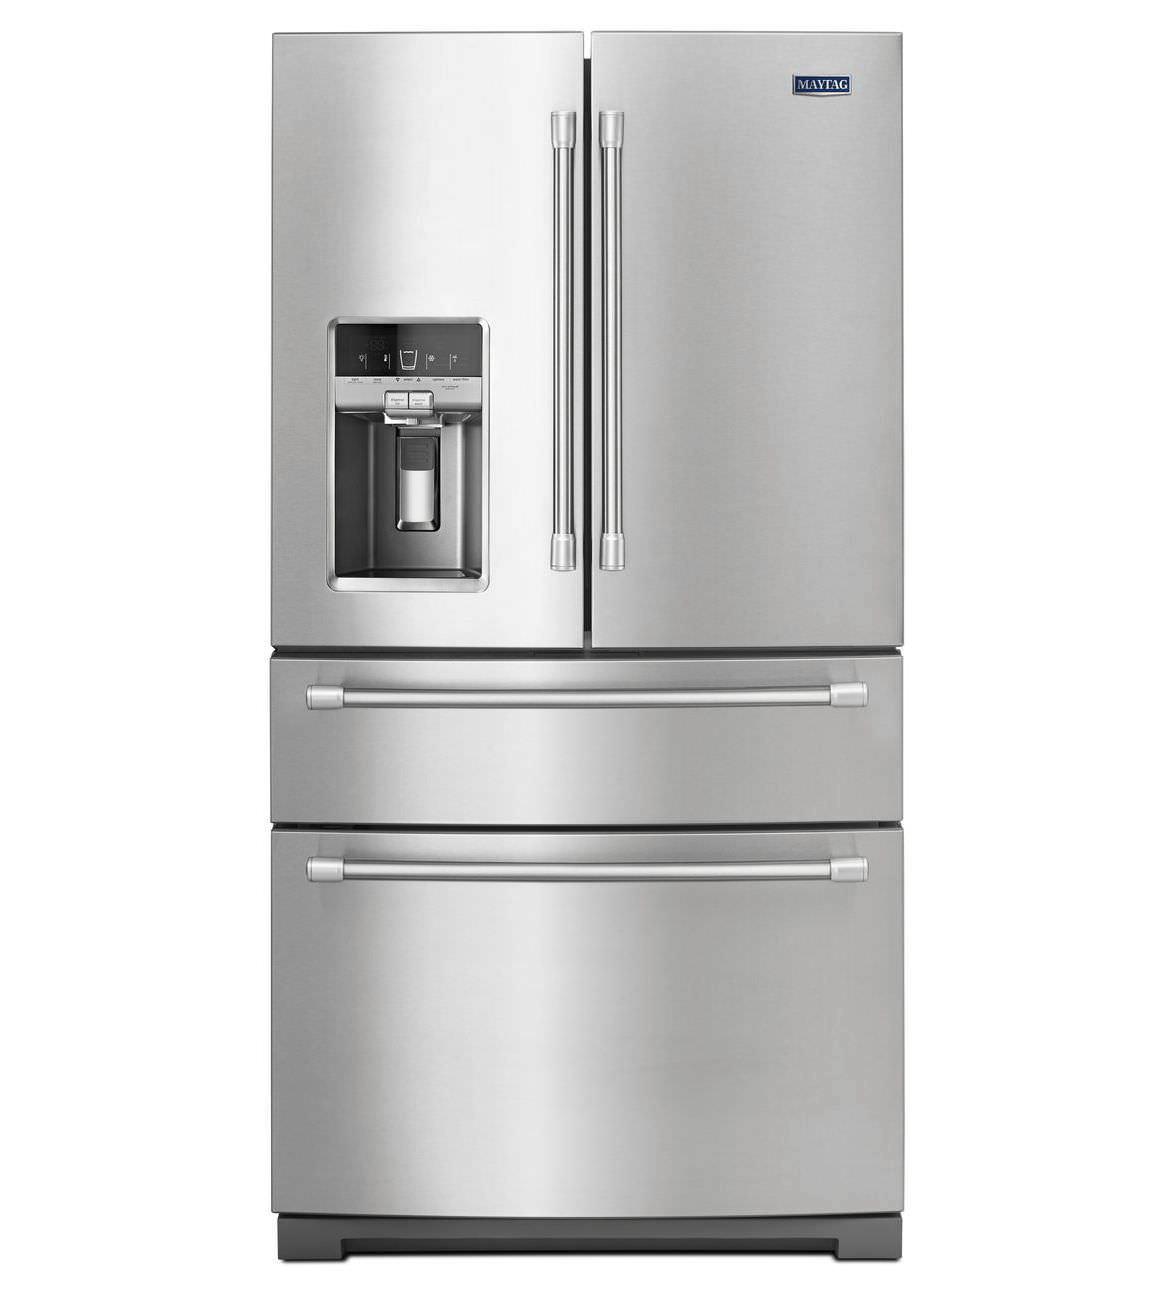 Comment choisir un r frig rateur cong lateur - Choisir son refrigerateur congelateur ...